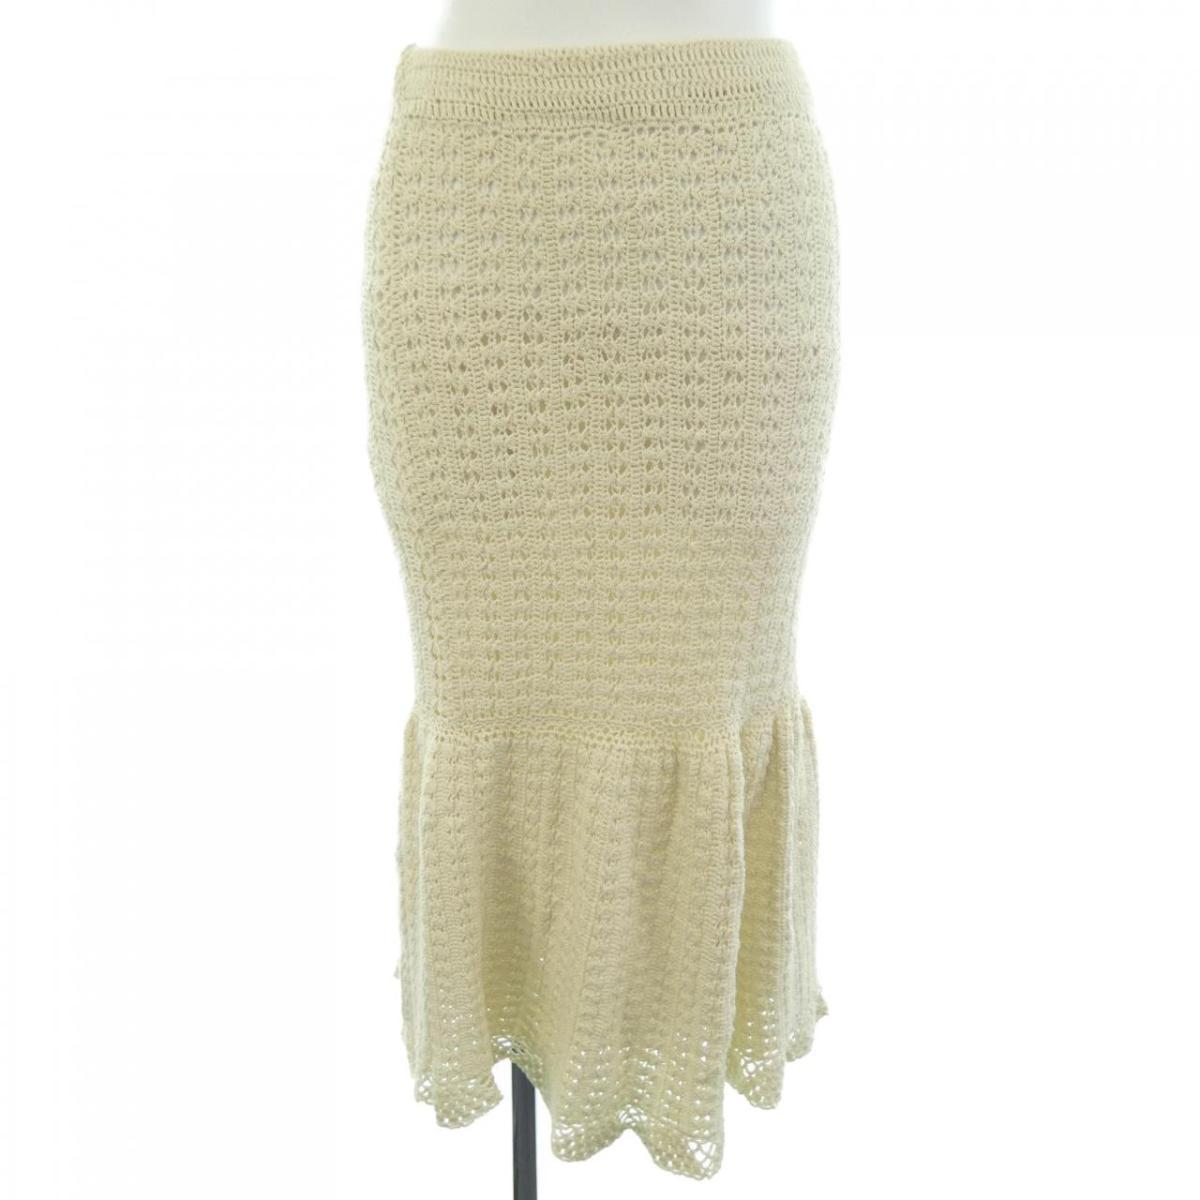 ユナイテッドアローズ UNITED ARROWS 半額 スカート 登場大人気アイテム 中古